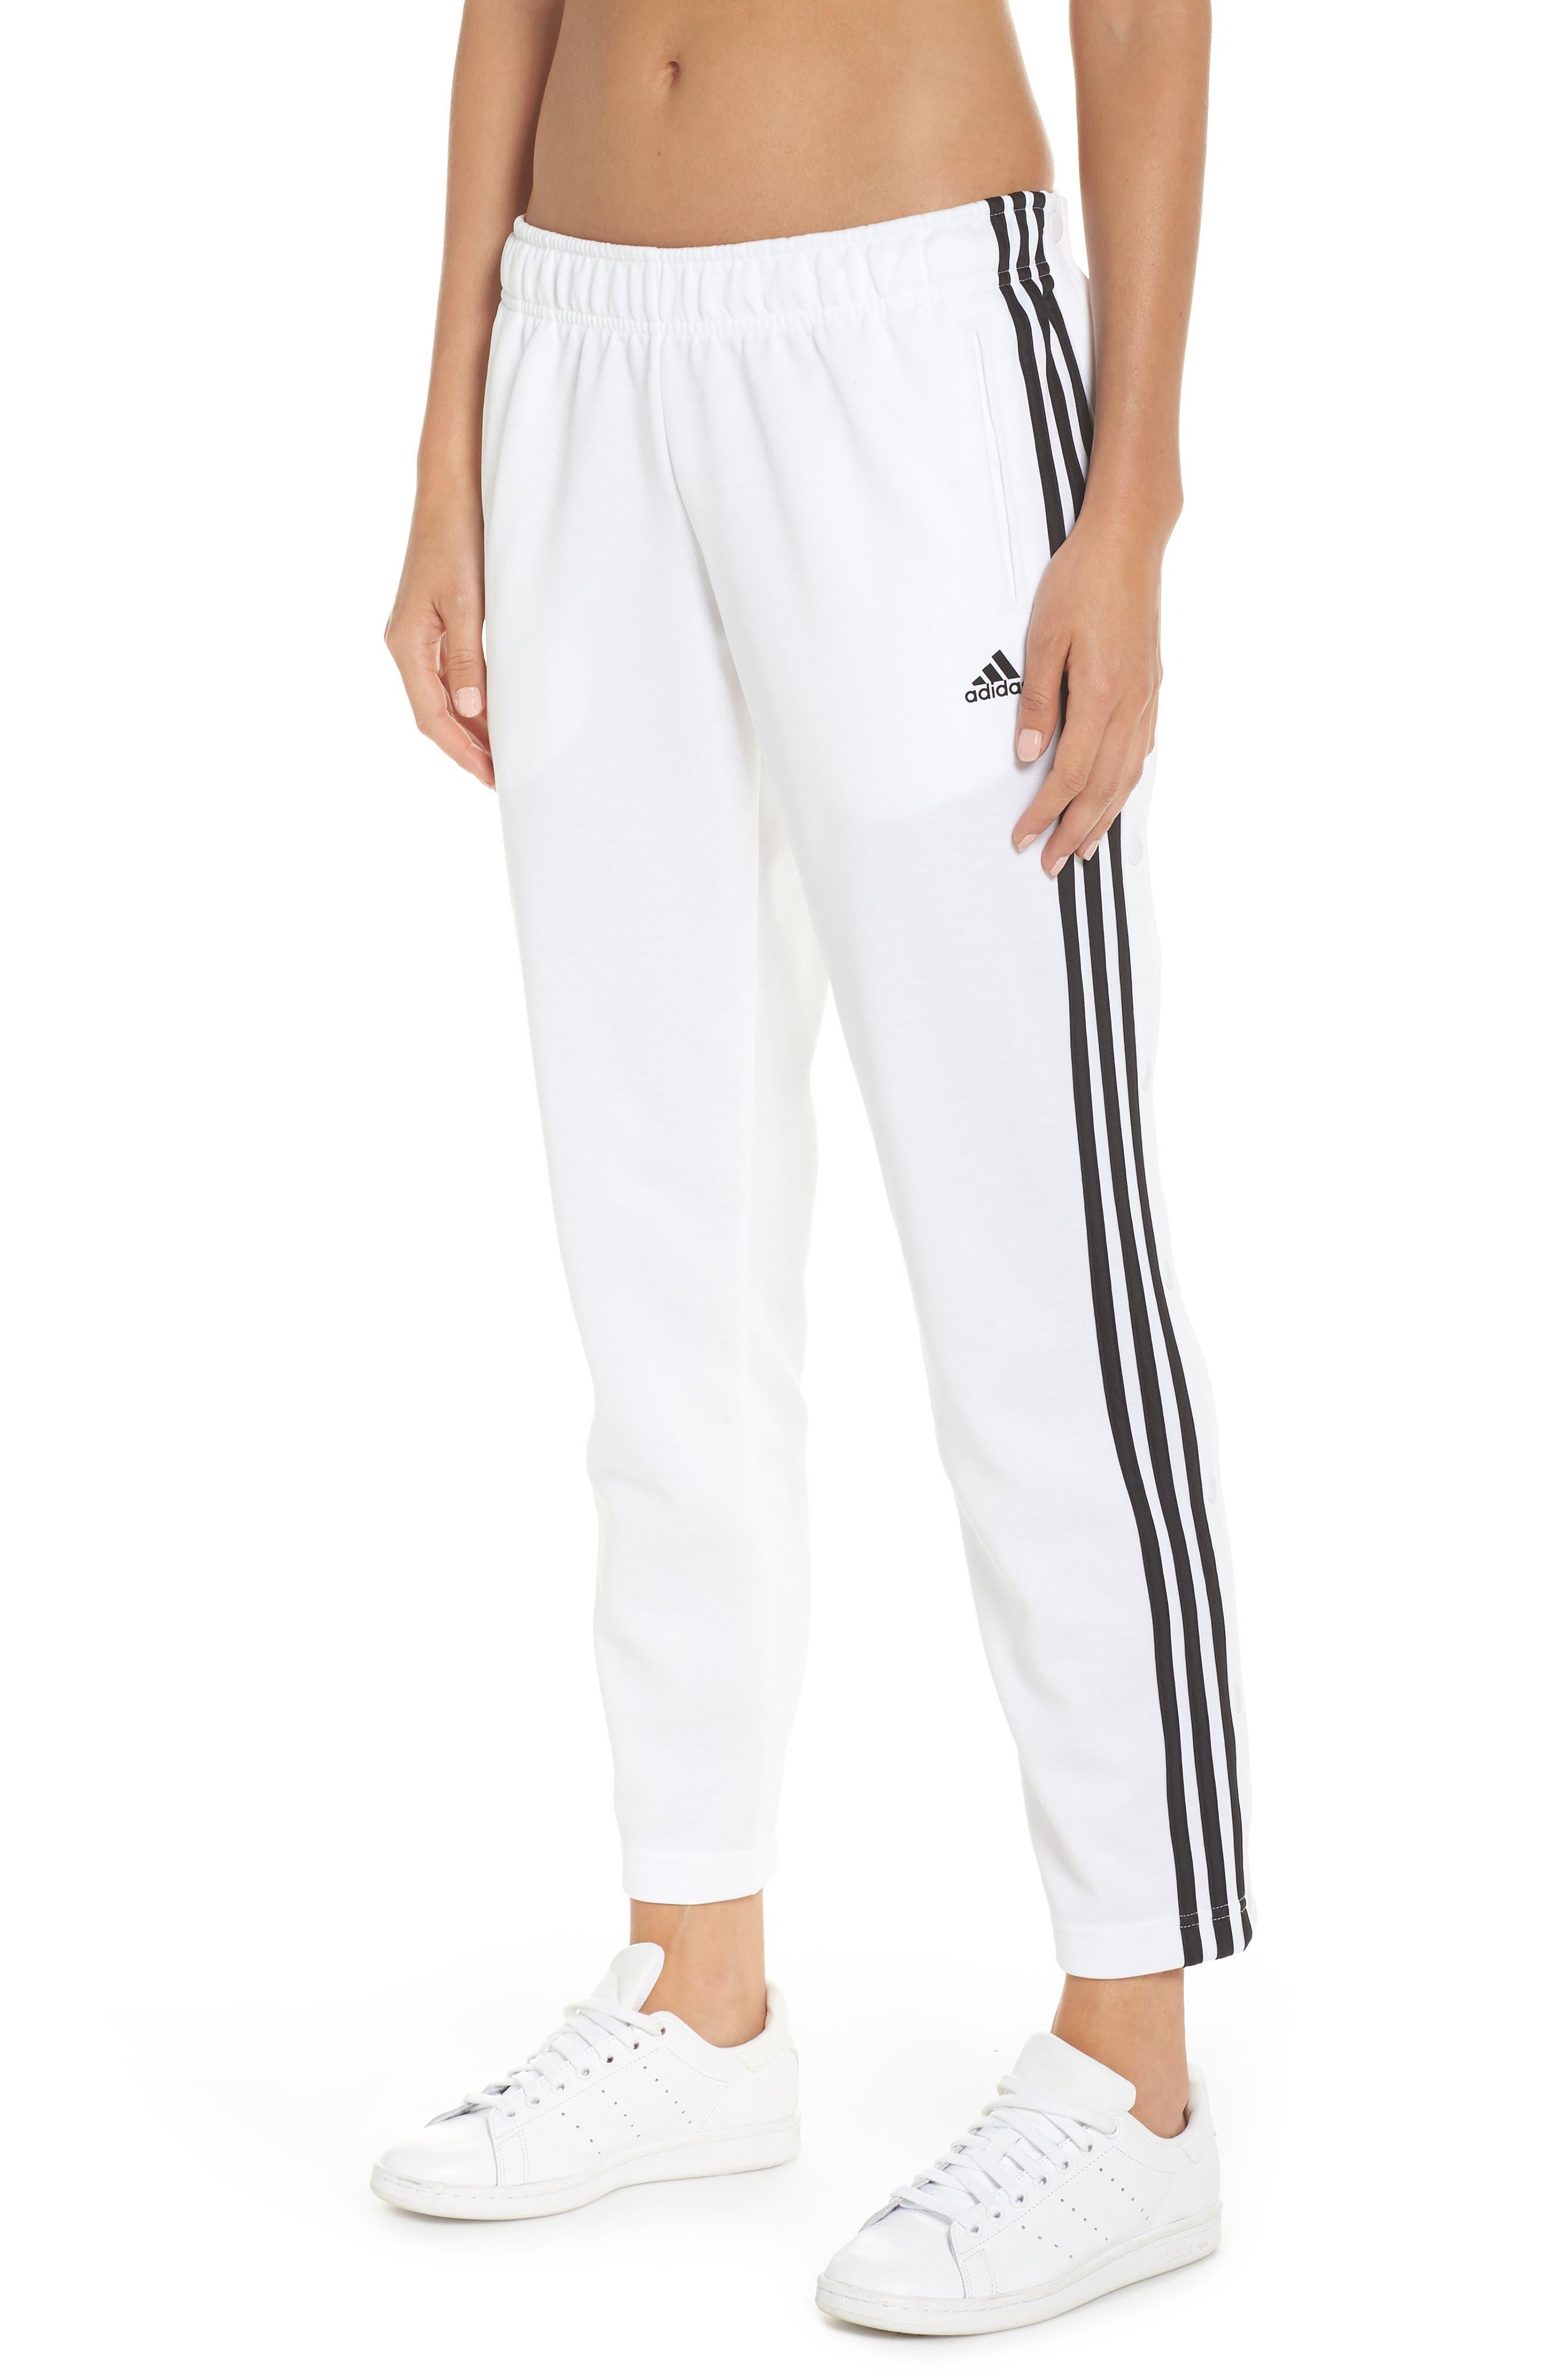 Tricot Snap Pants,                         Main,                         color, WHITE/ BLACK/ BLACK